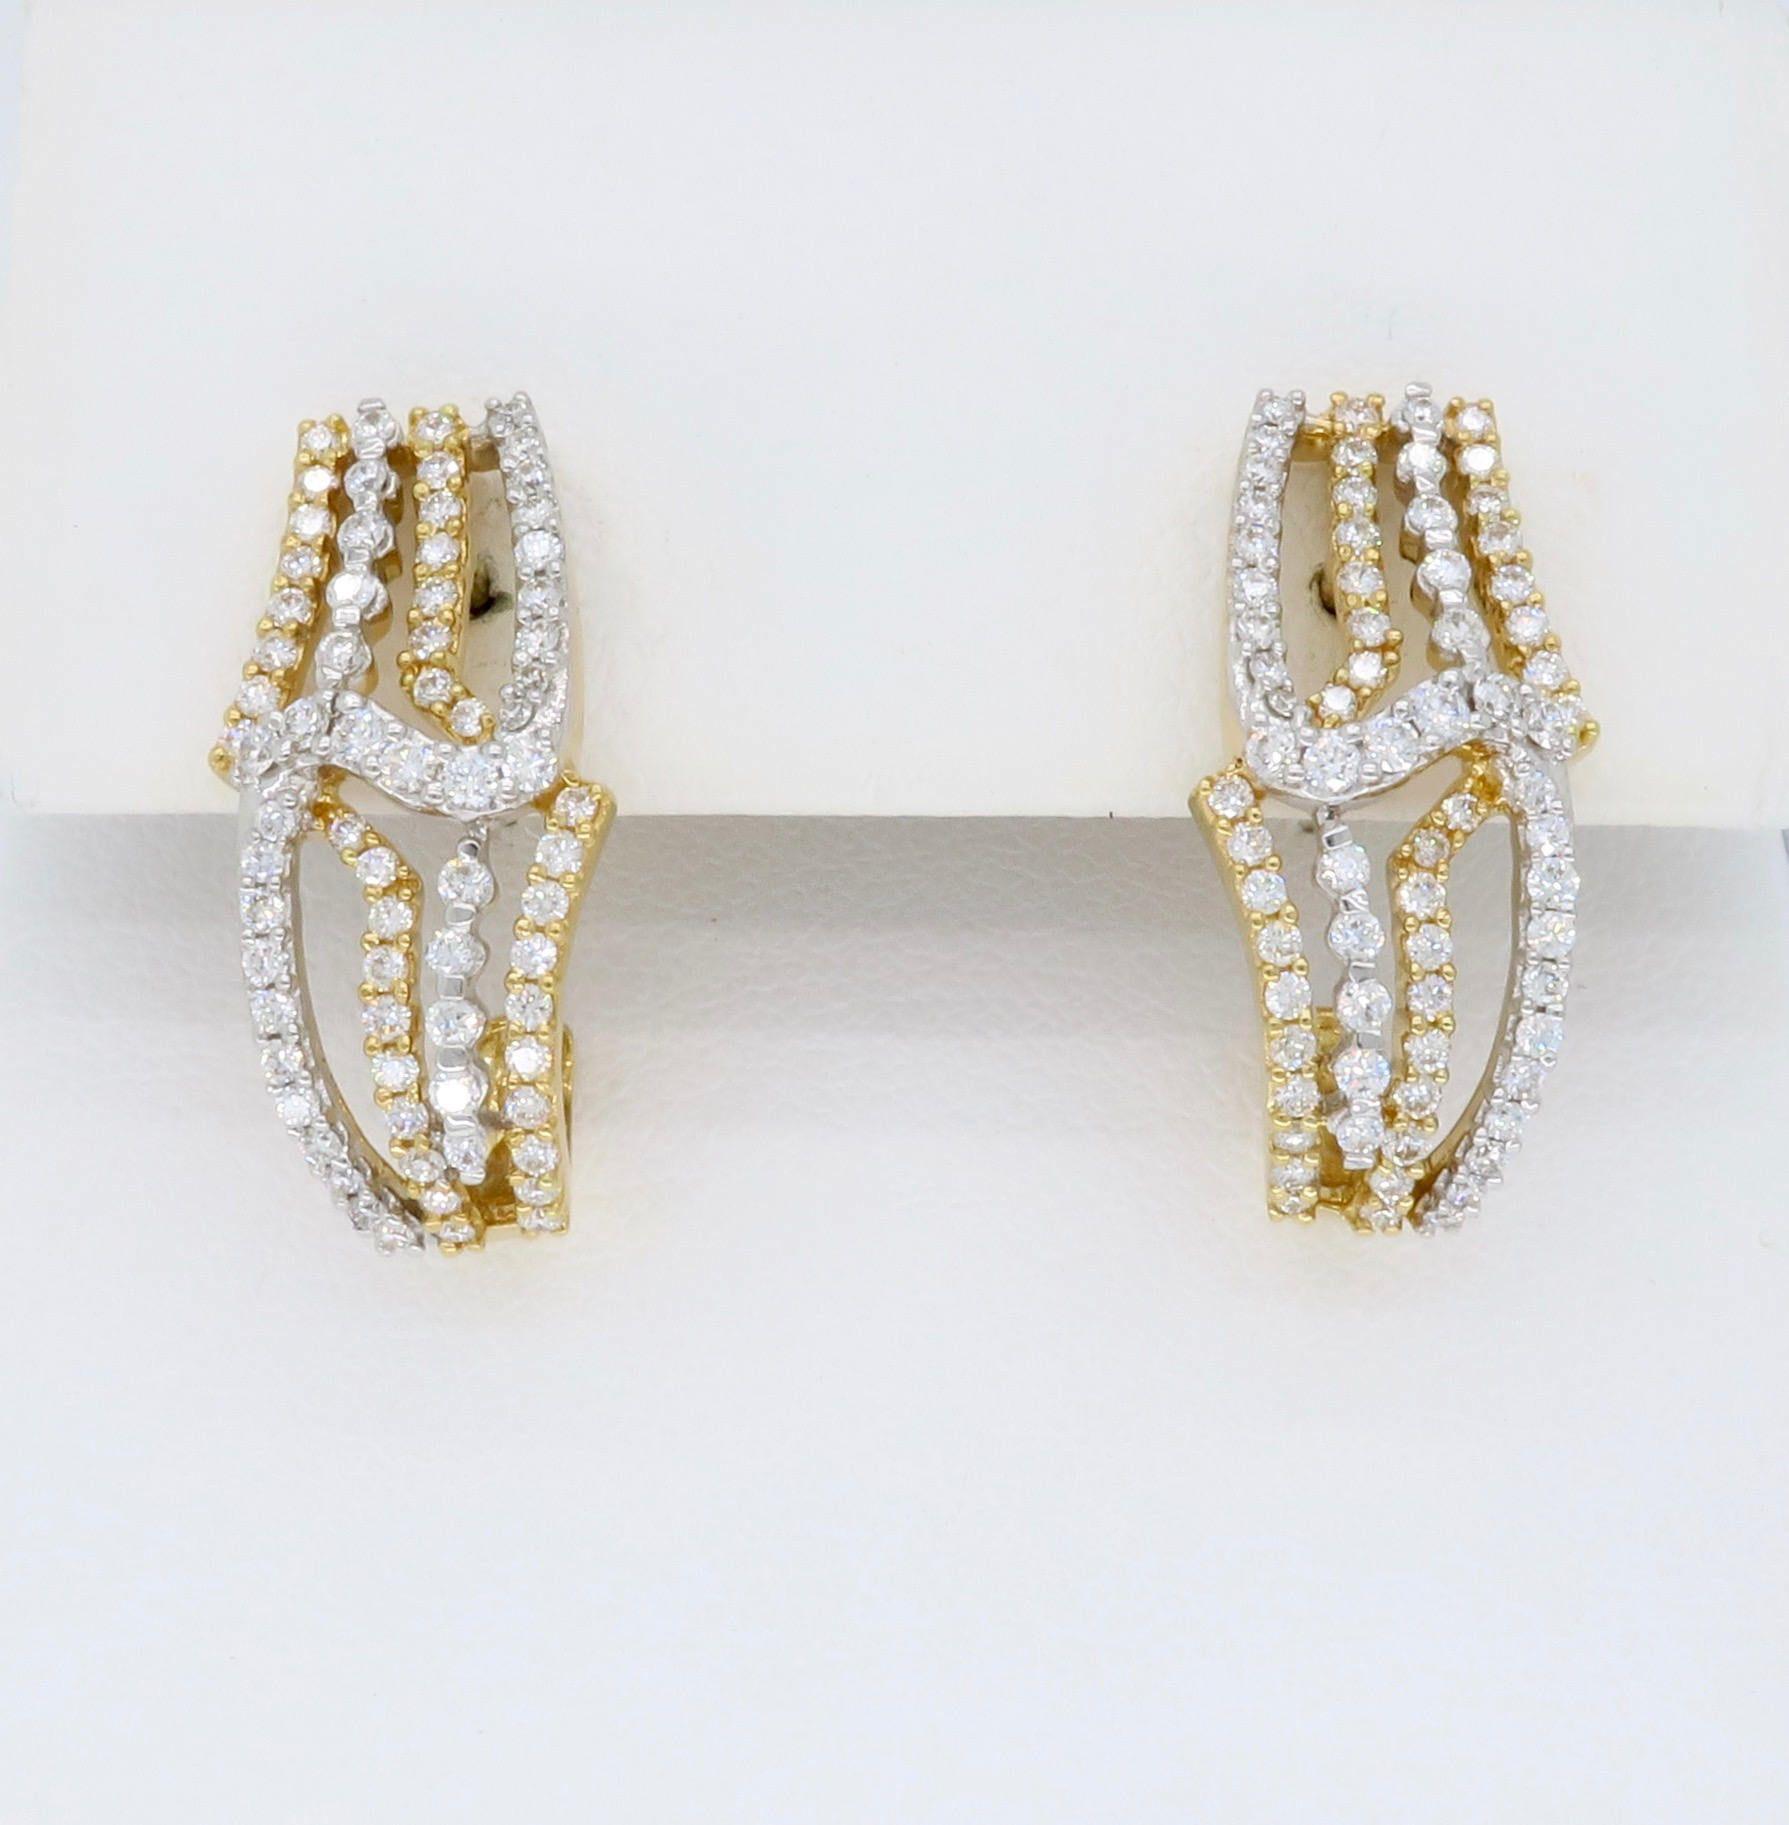 Mj Gabel Diamond Jewelry Buyers